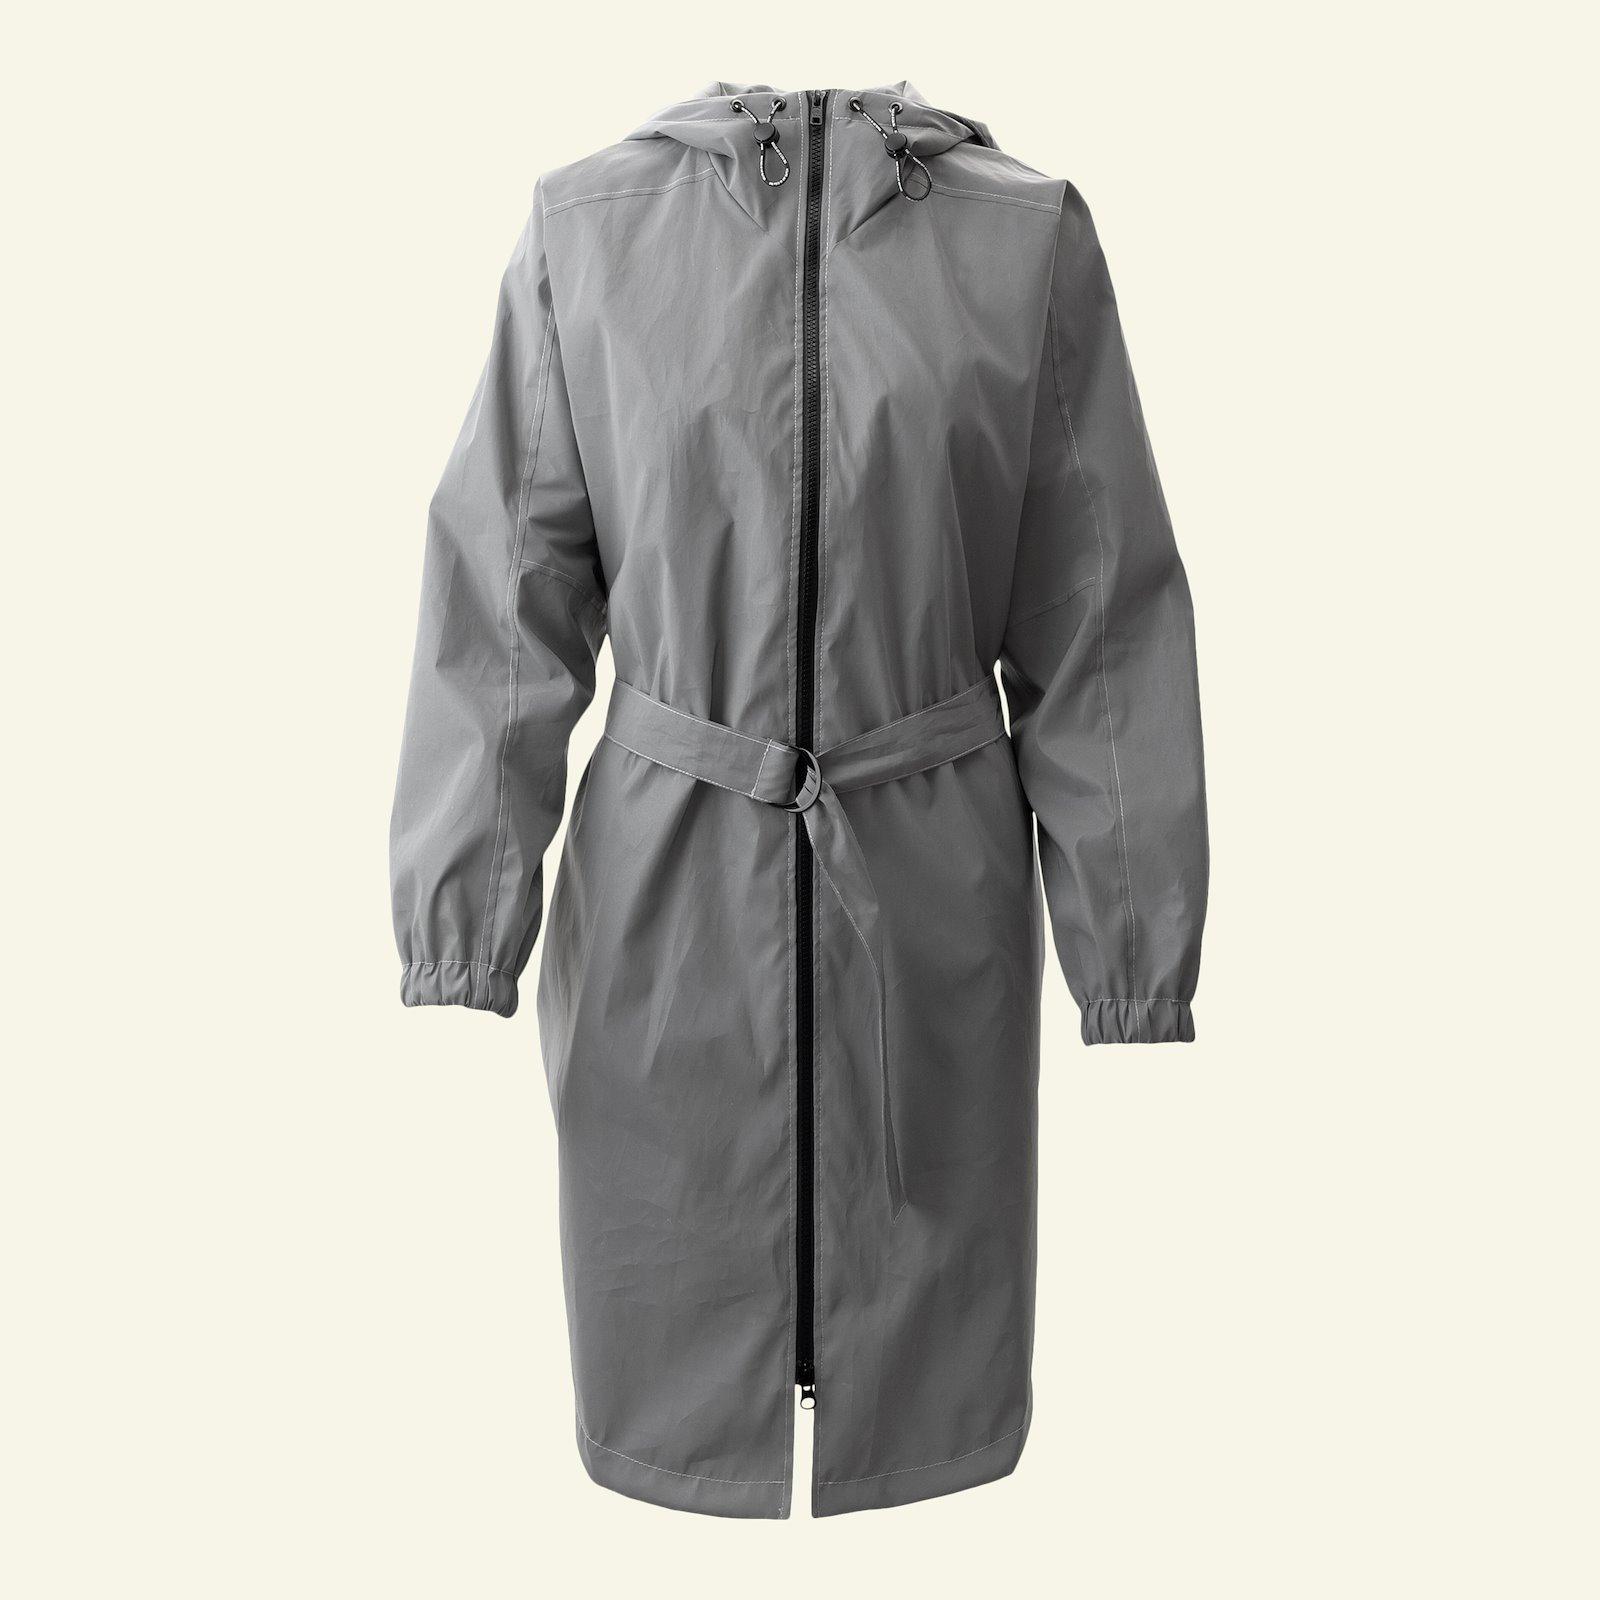 Oversize coat p24046_600533_8043_3509073_43693_43705_sskit